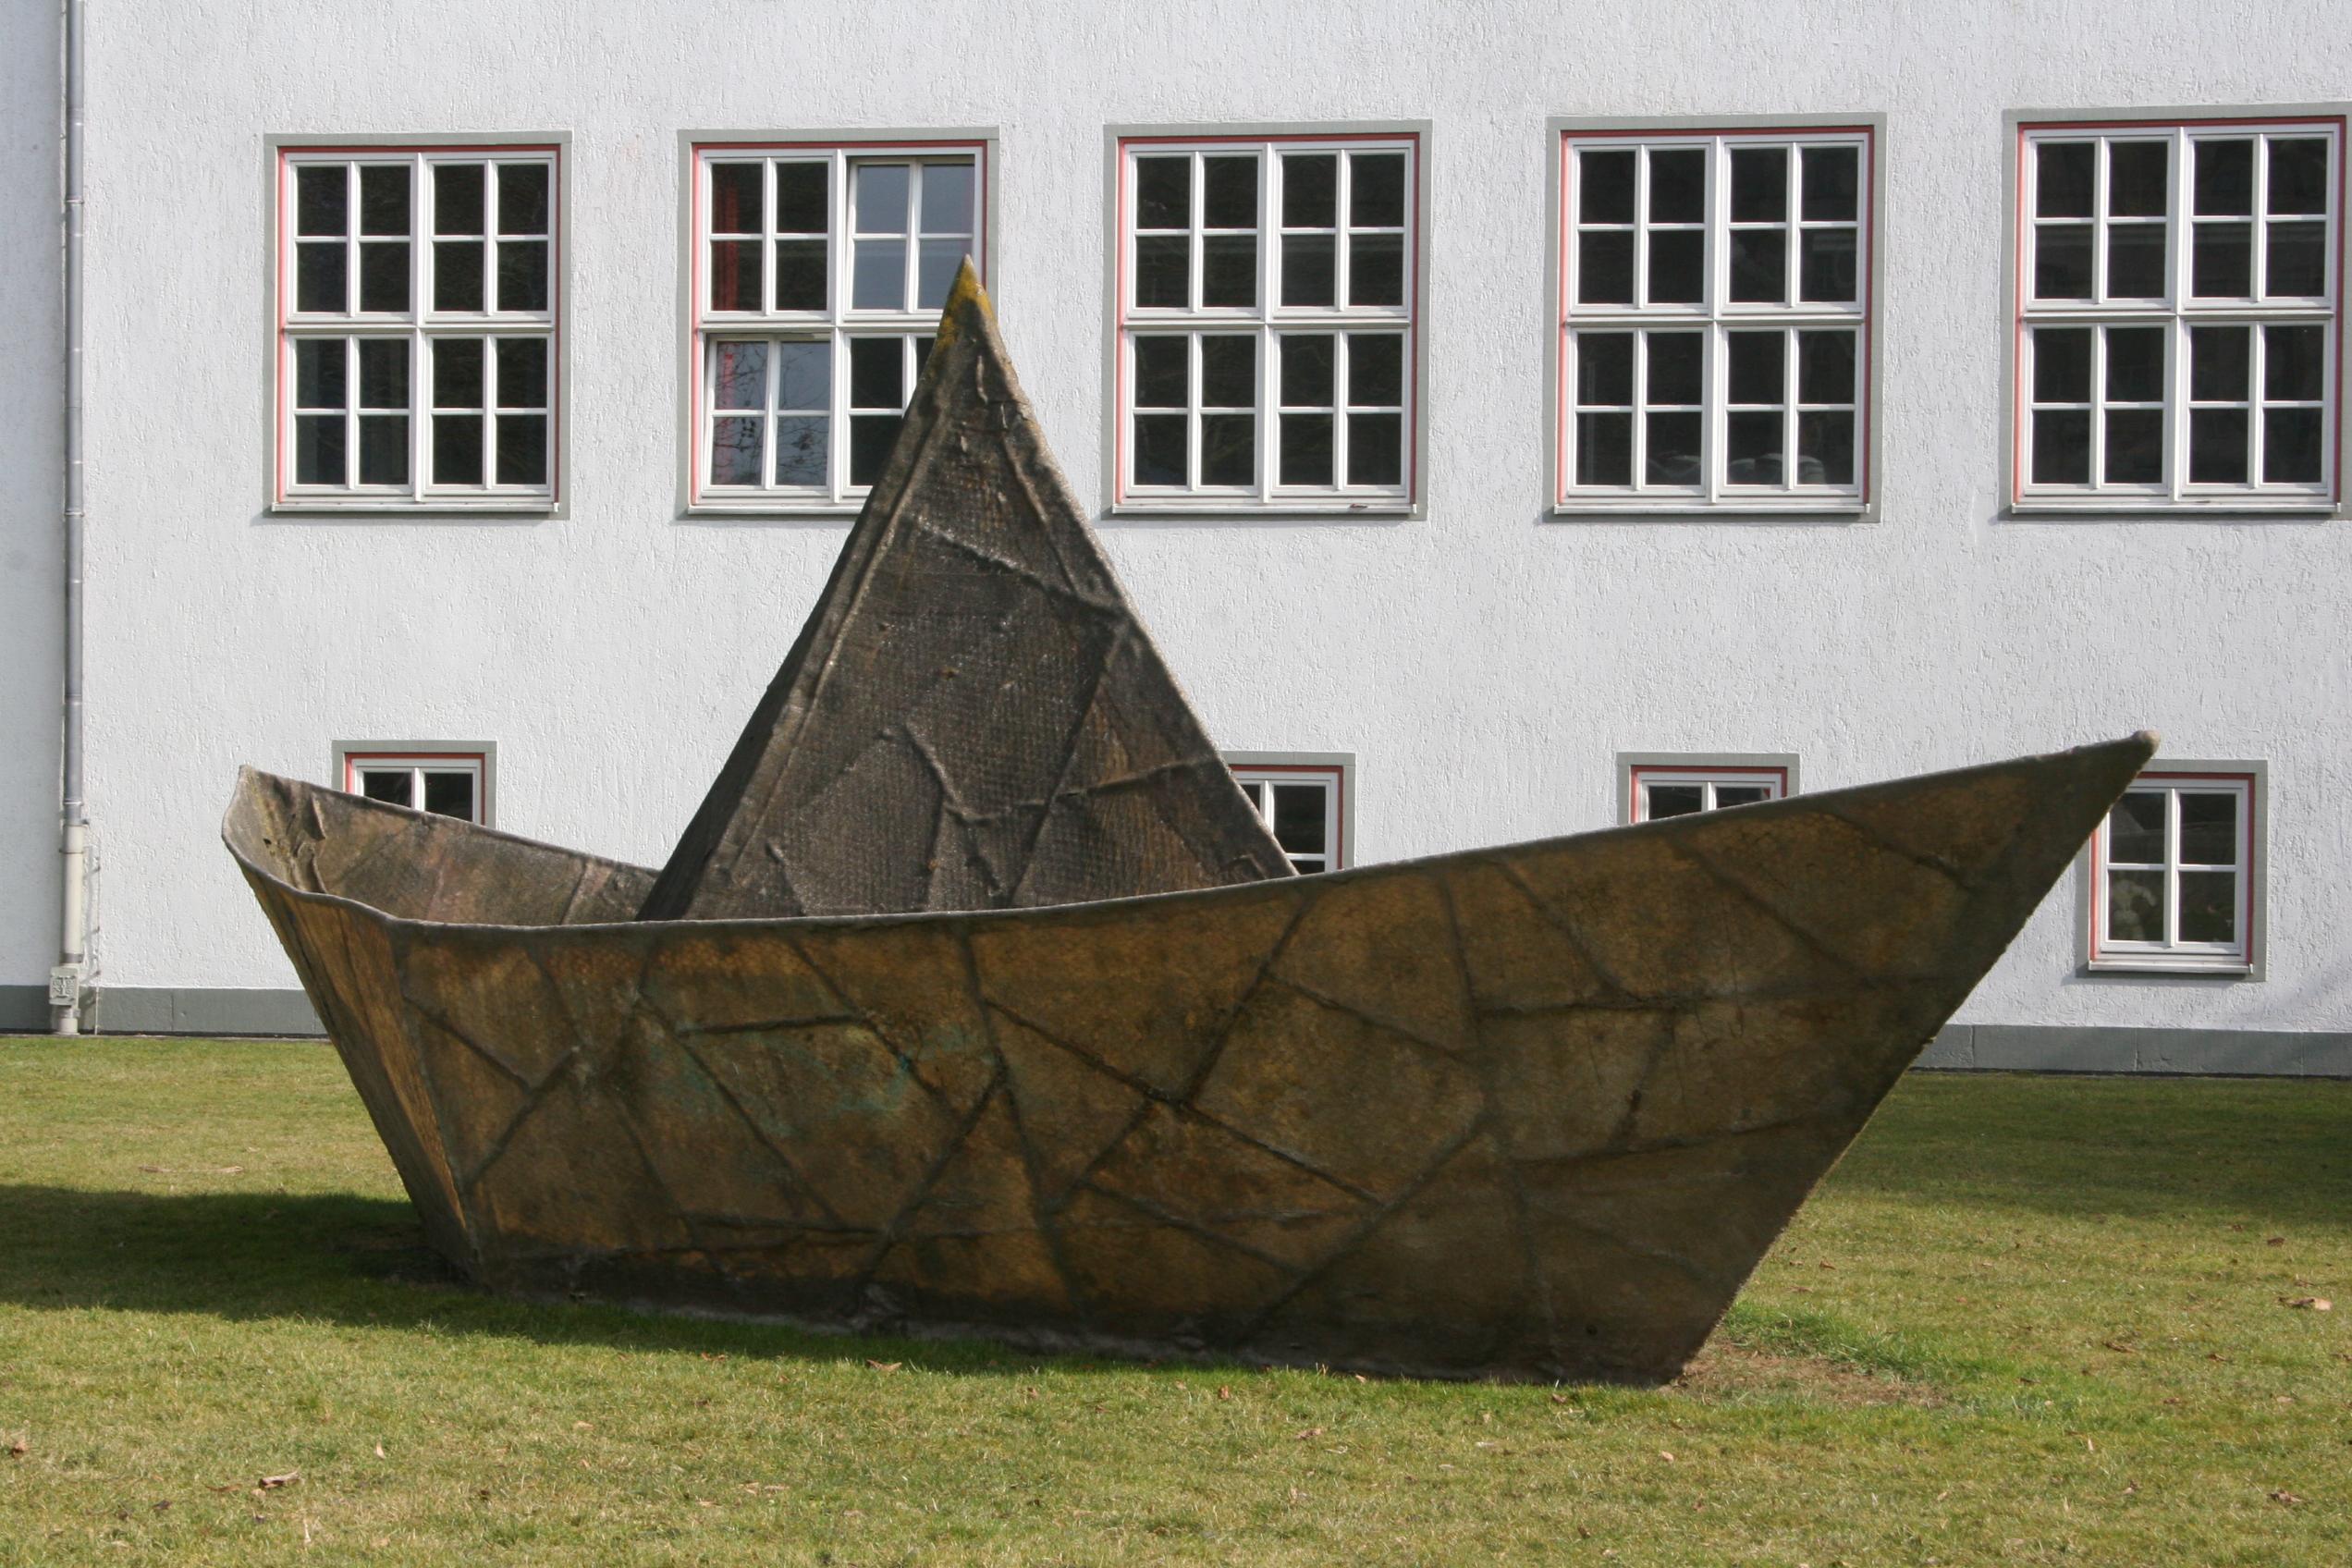 Anatol Herzfeld - Traumschiff auf der Dokumenta XI in Kassel - Quelle: WikiCommons